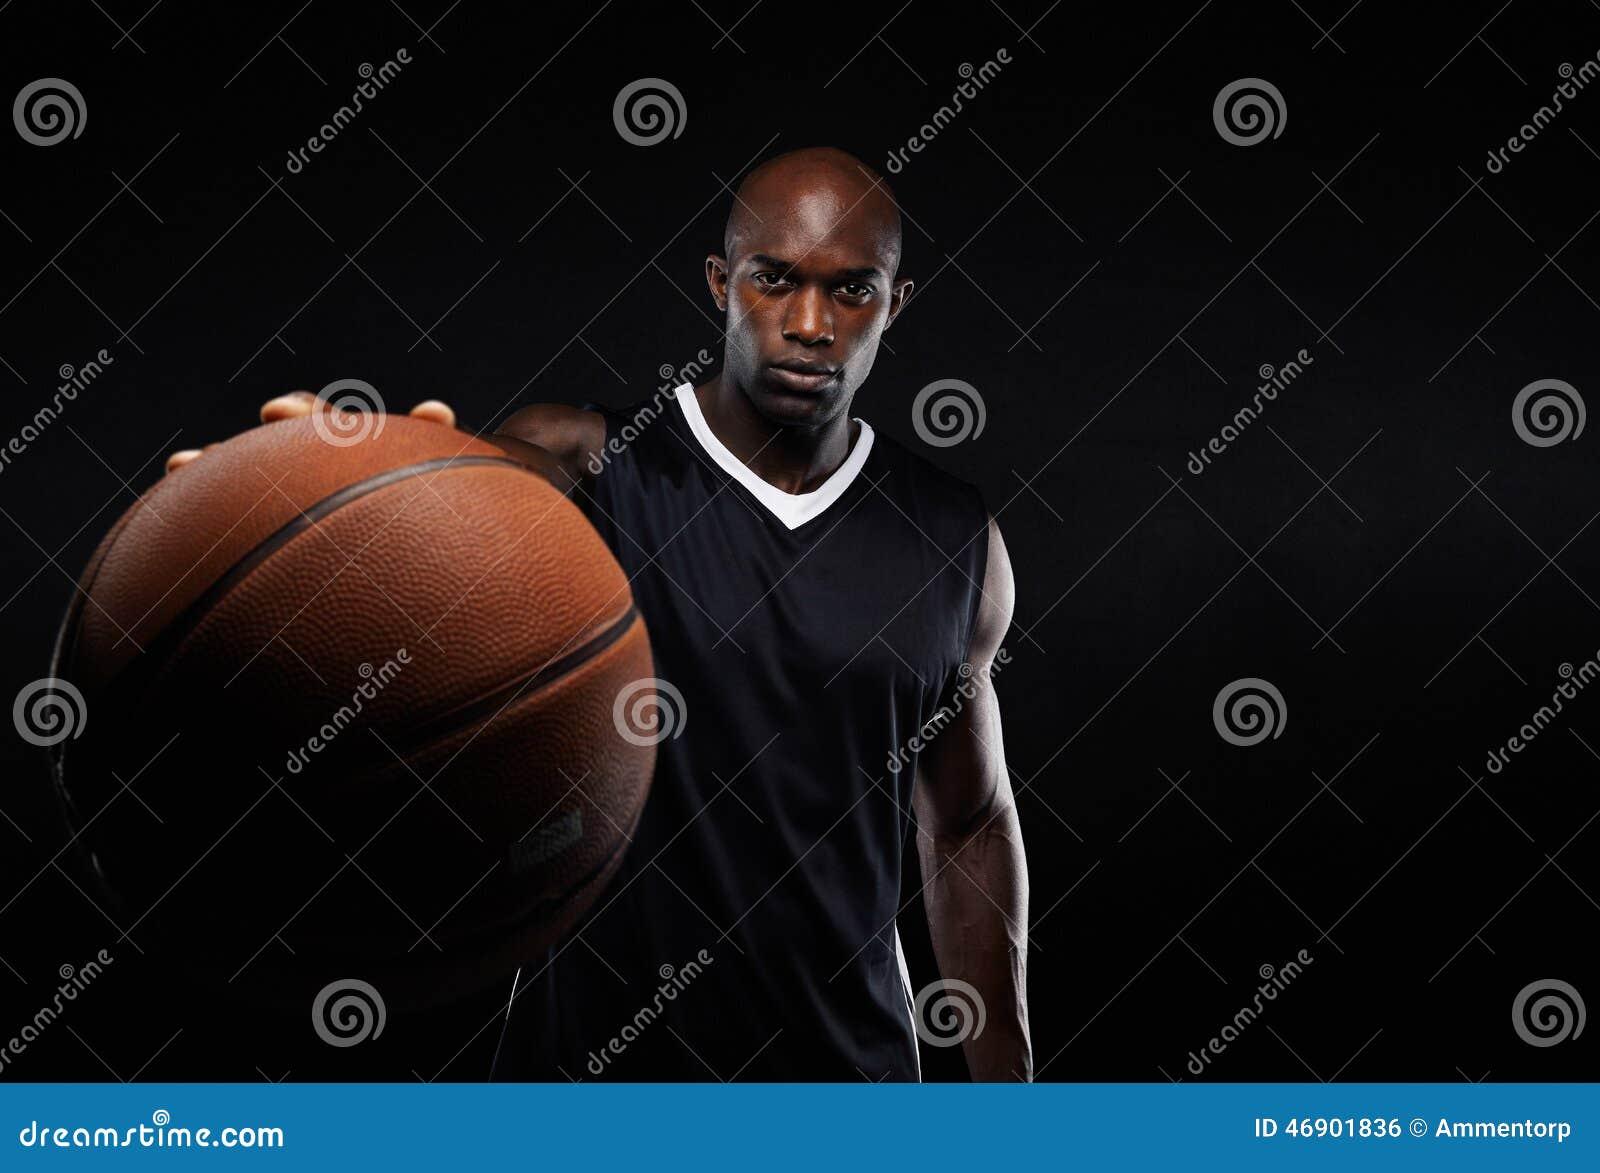 Nett Basketballspieler Lebenslauf Probe Ideen - Beispiel Business ...